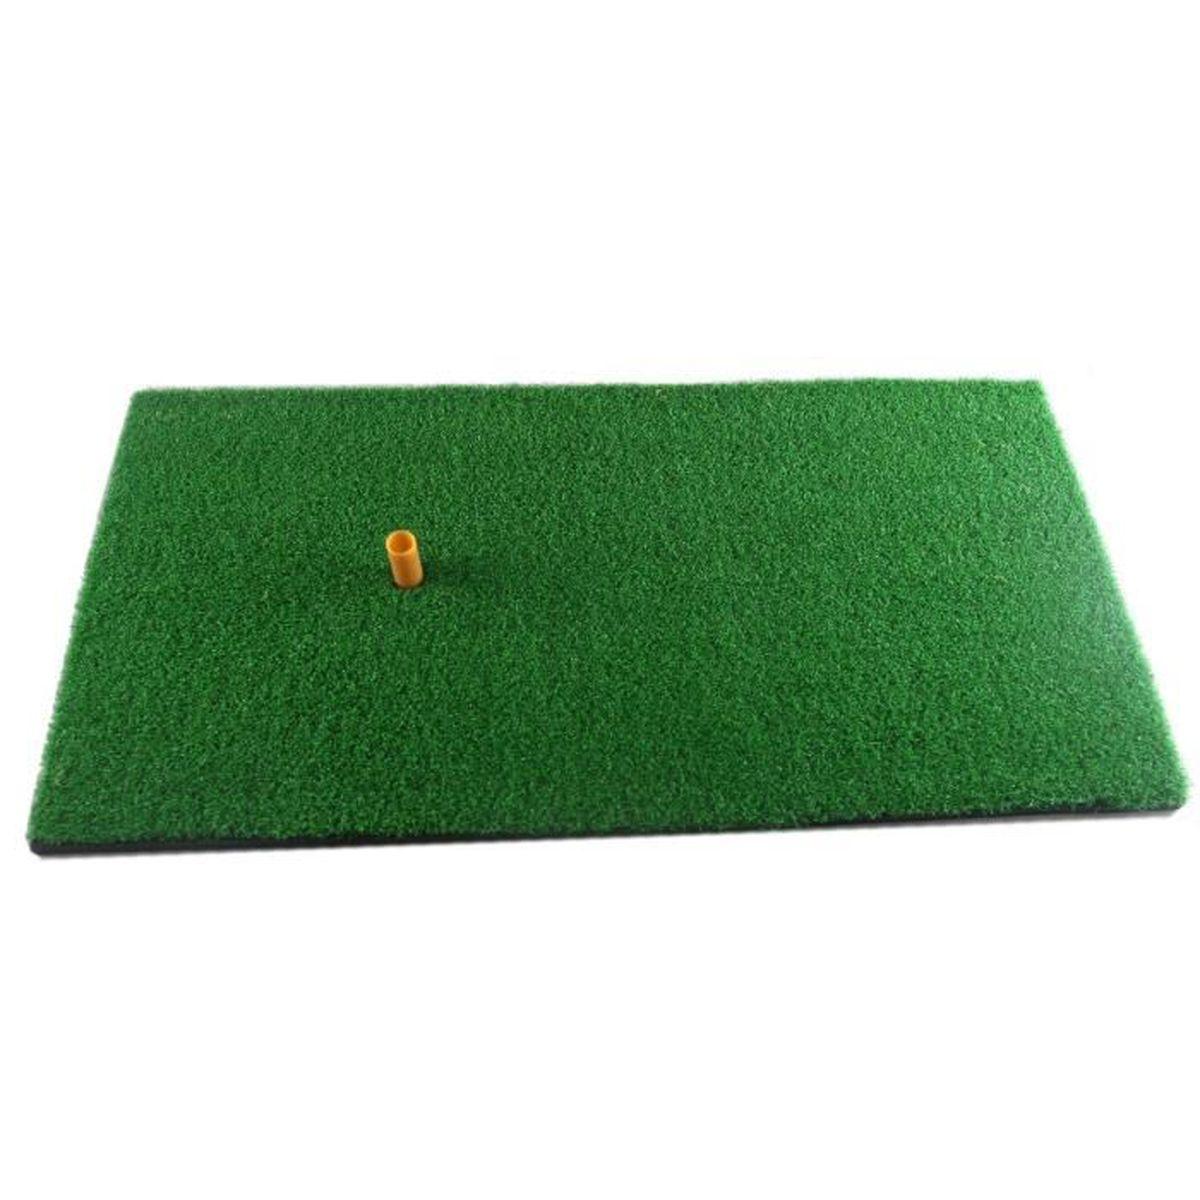 mat riel d entrainement de golf achat vente mat riel d. Black Bedroom Furniture Sets. Home Design Ideas